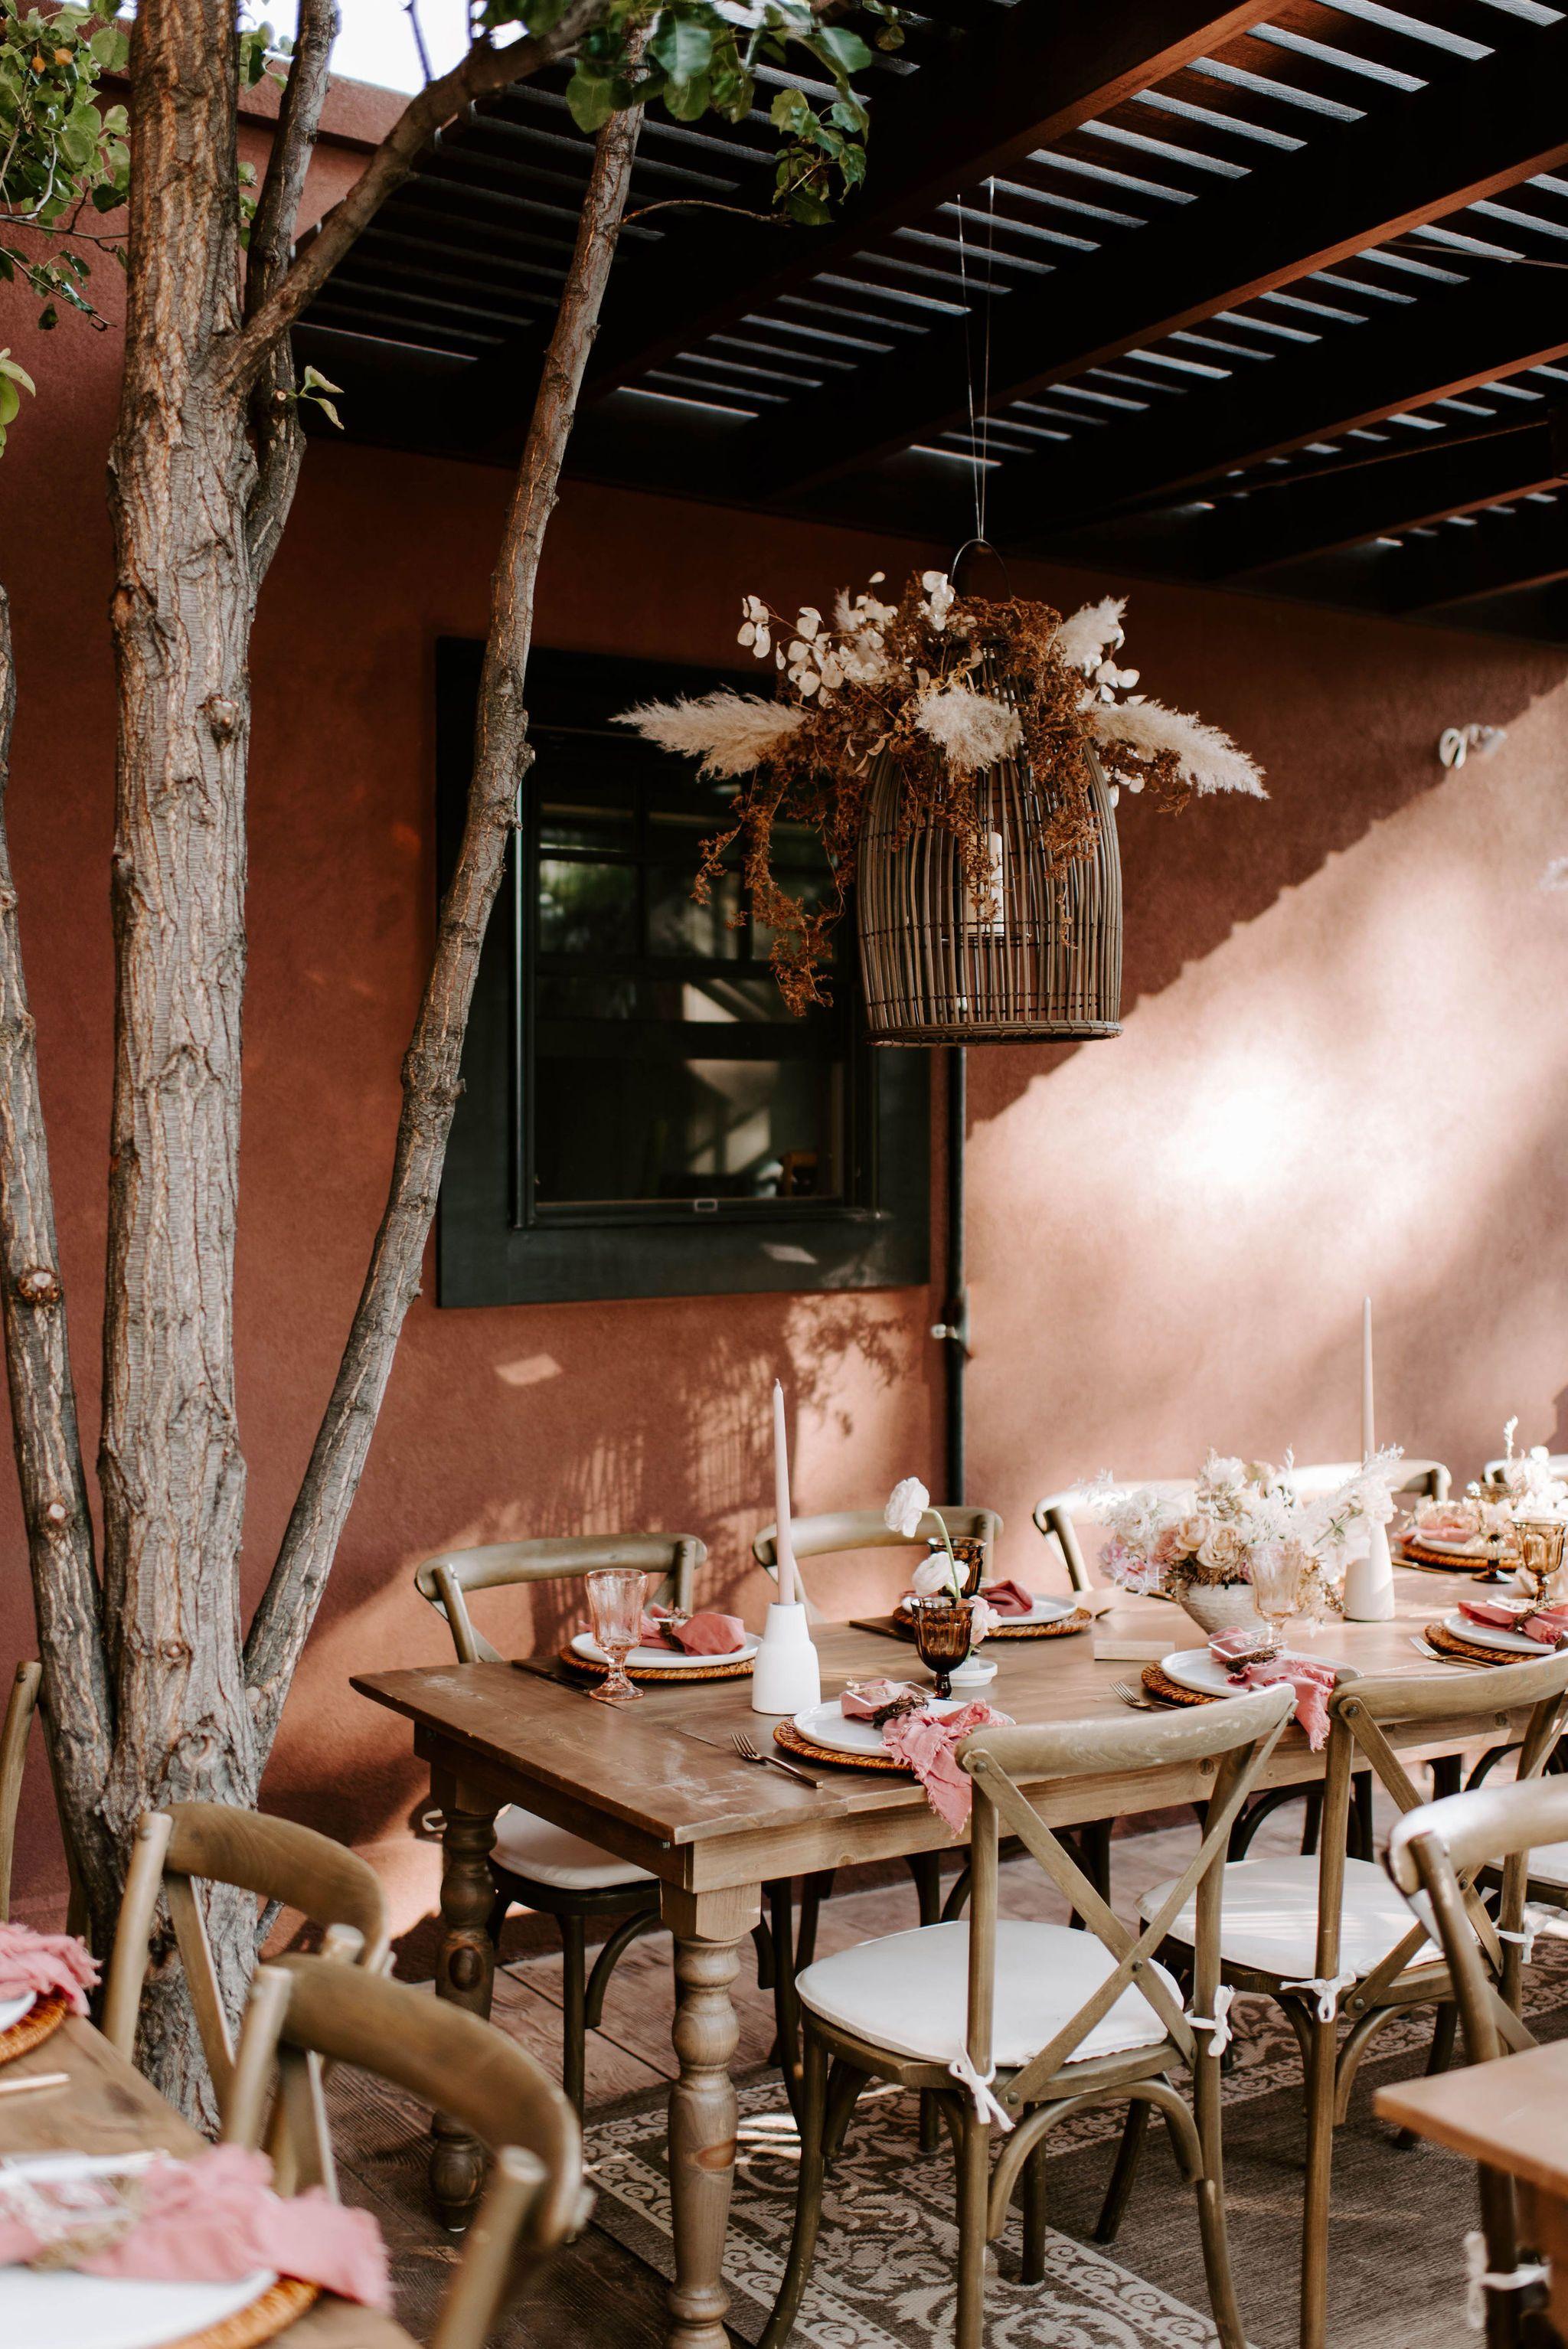 18+ Wedding venues near boise idaho ideas in 2021